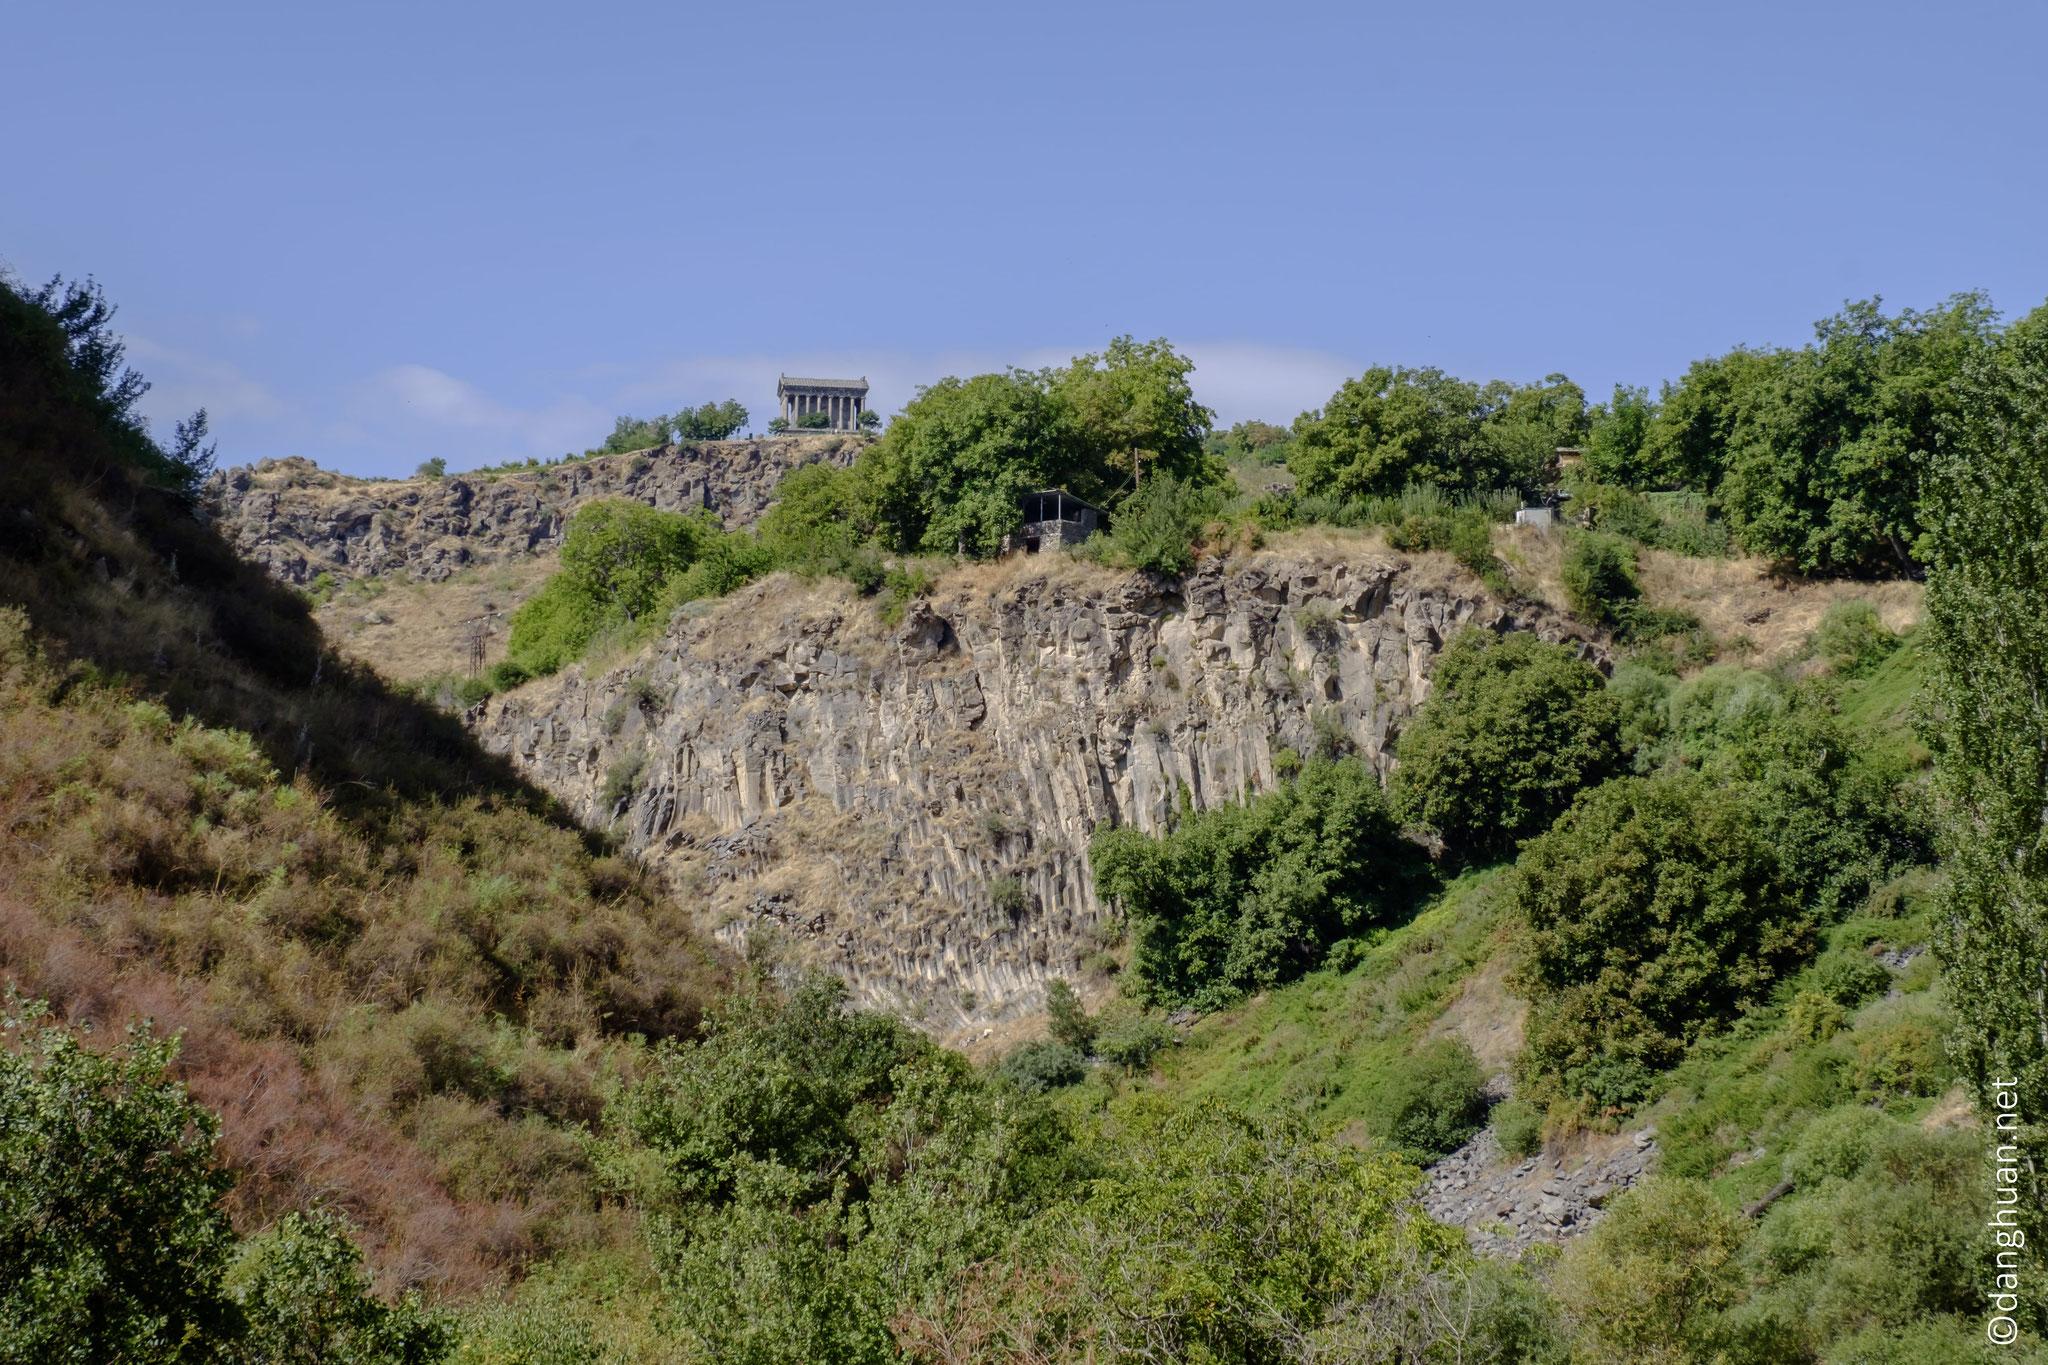 La forteresse de Garni est l'un des sites les plus anciens d'Arménie. Le site fut peuplé depuis la fin du 4ème siècle avant JC jusqu'au Moyen Âge